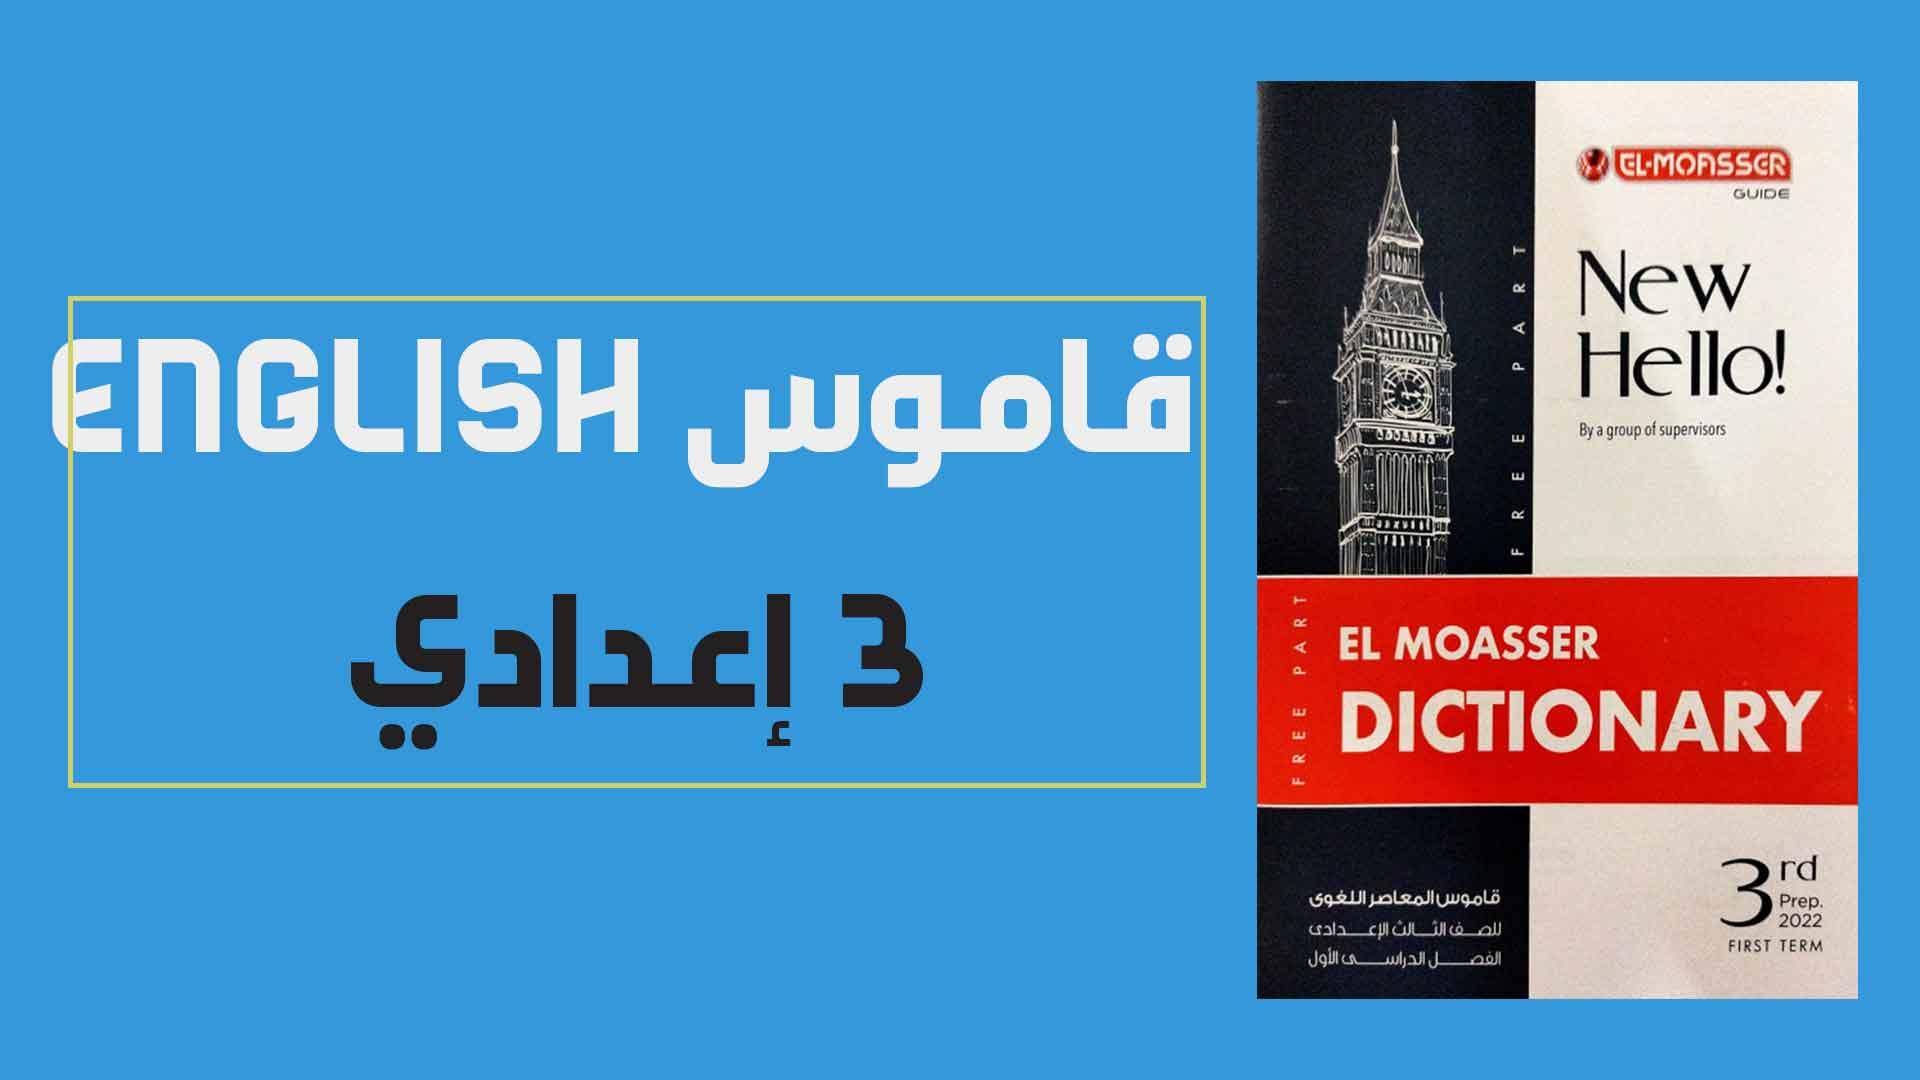 قاموس المعاصر Elmoasser فى اللغة الانجليزية للصف الثالث الاعدادى الترم الاول 2022